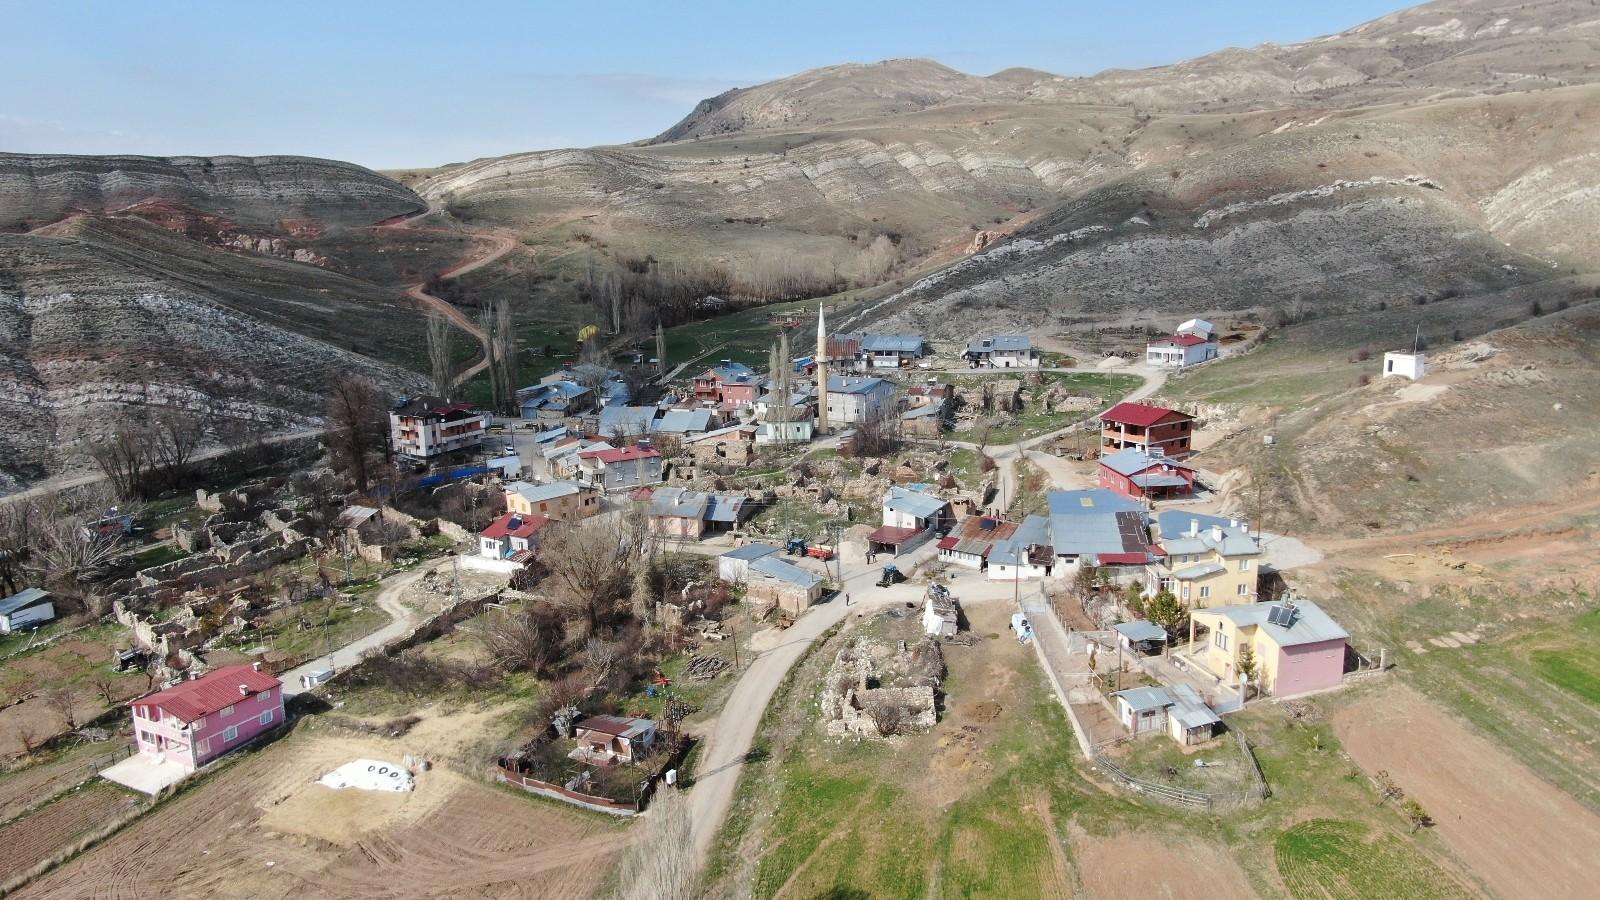 Korona bu köye hiç uğramadı! Covid-19'un giremediği köyde aşılama tamamlandı